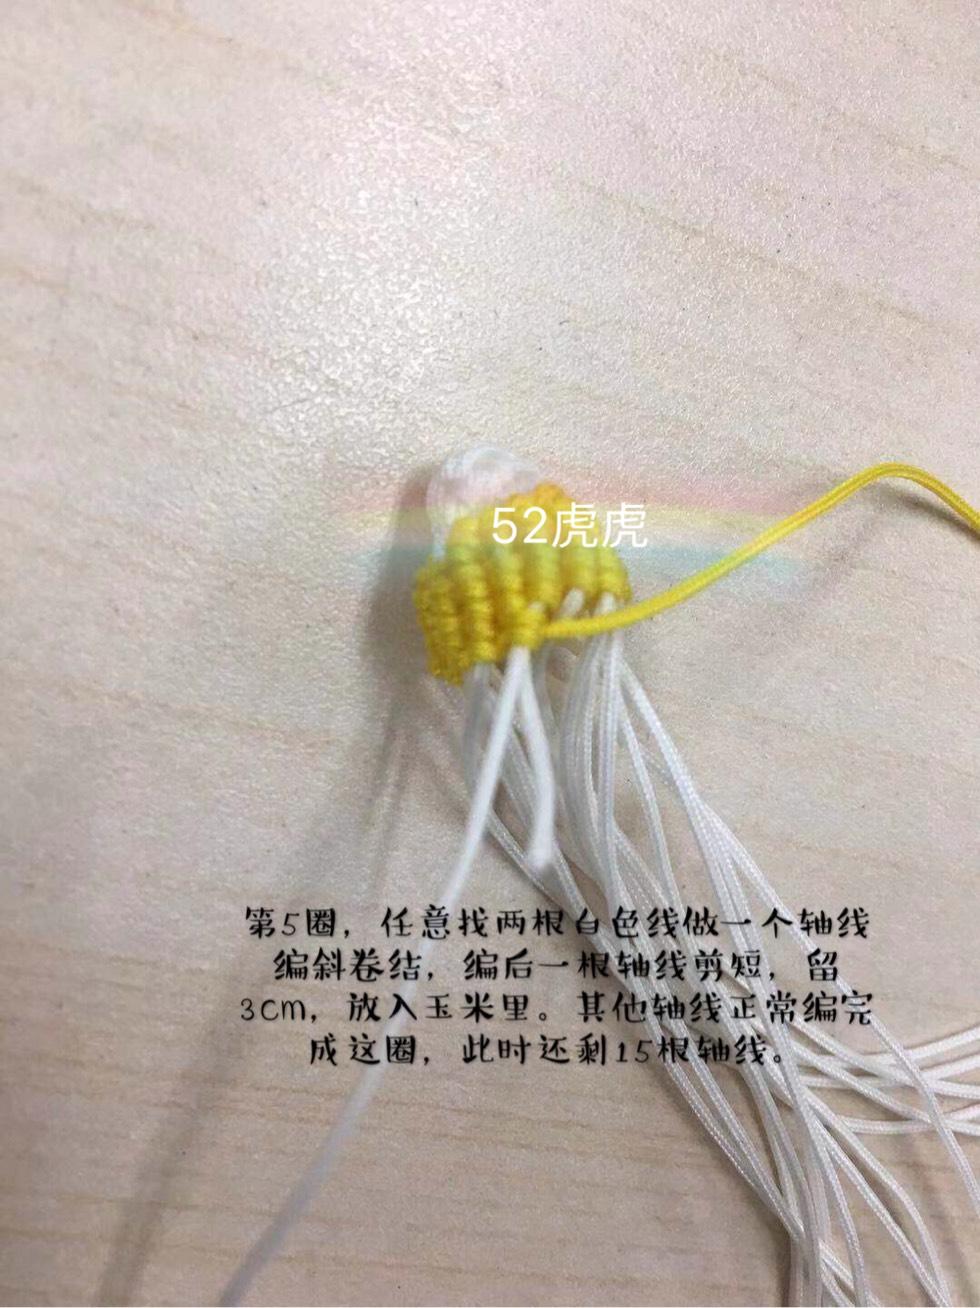 中国结论坛 小玉米 小玉米,玉米,迷你的小玉米叫什么,特别小的玉米叫什么,袖珍小玉米 图文教程区 130352rcdke0tdtfvk6b92